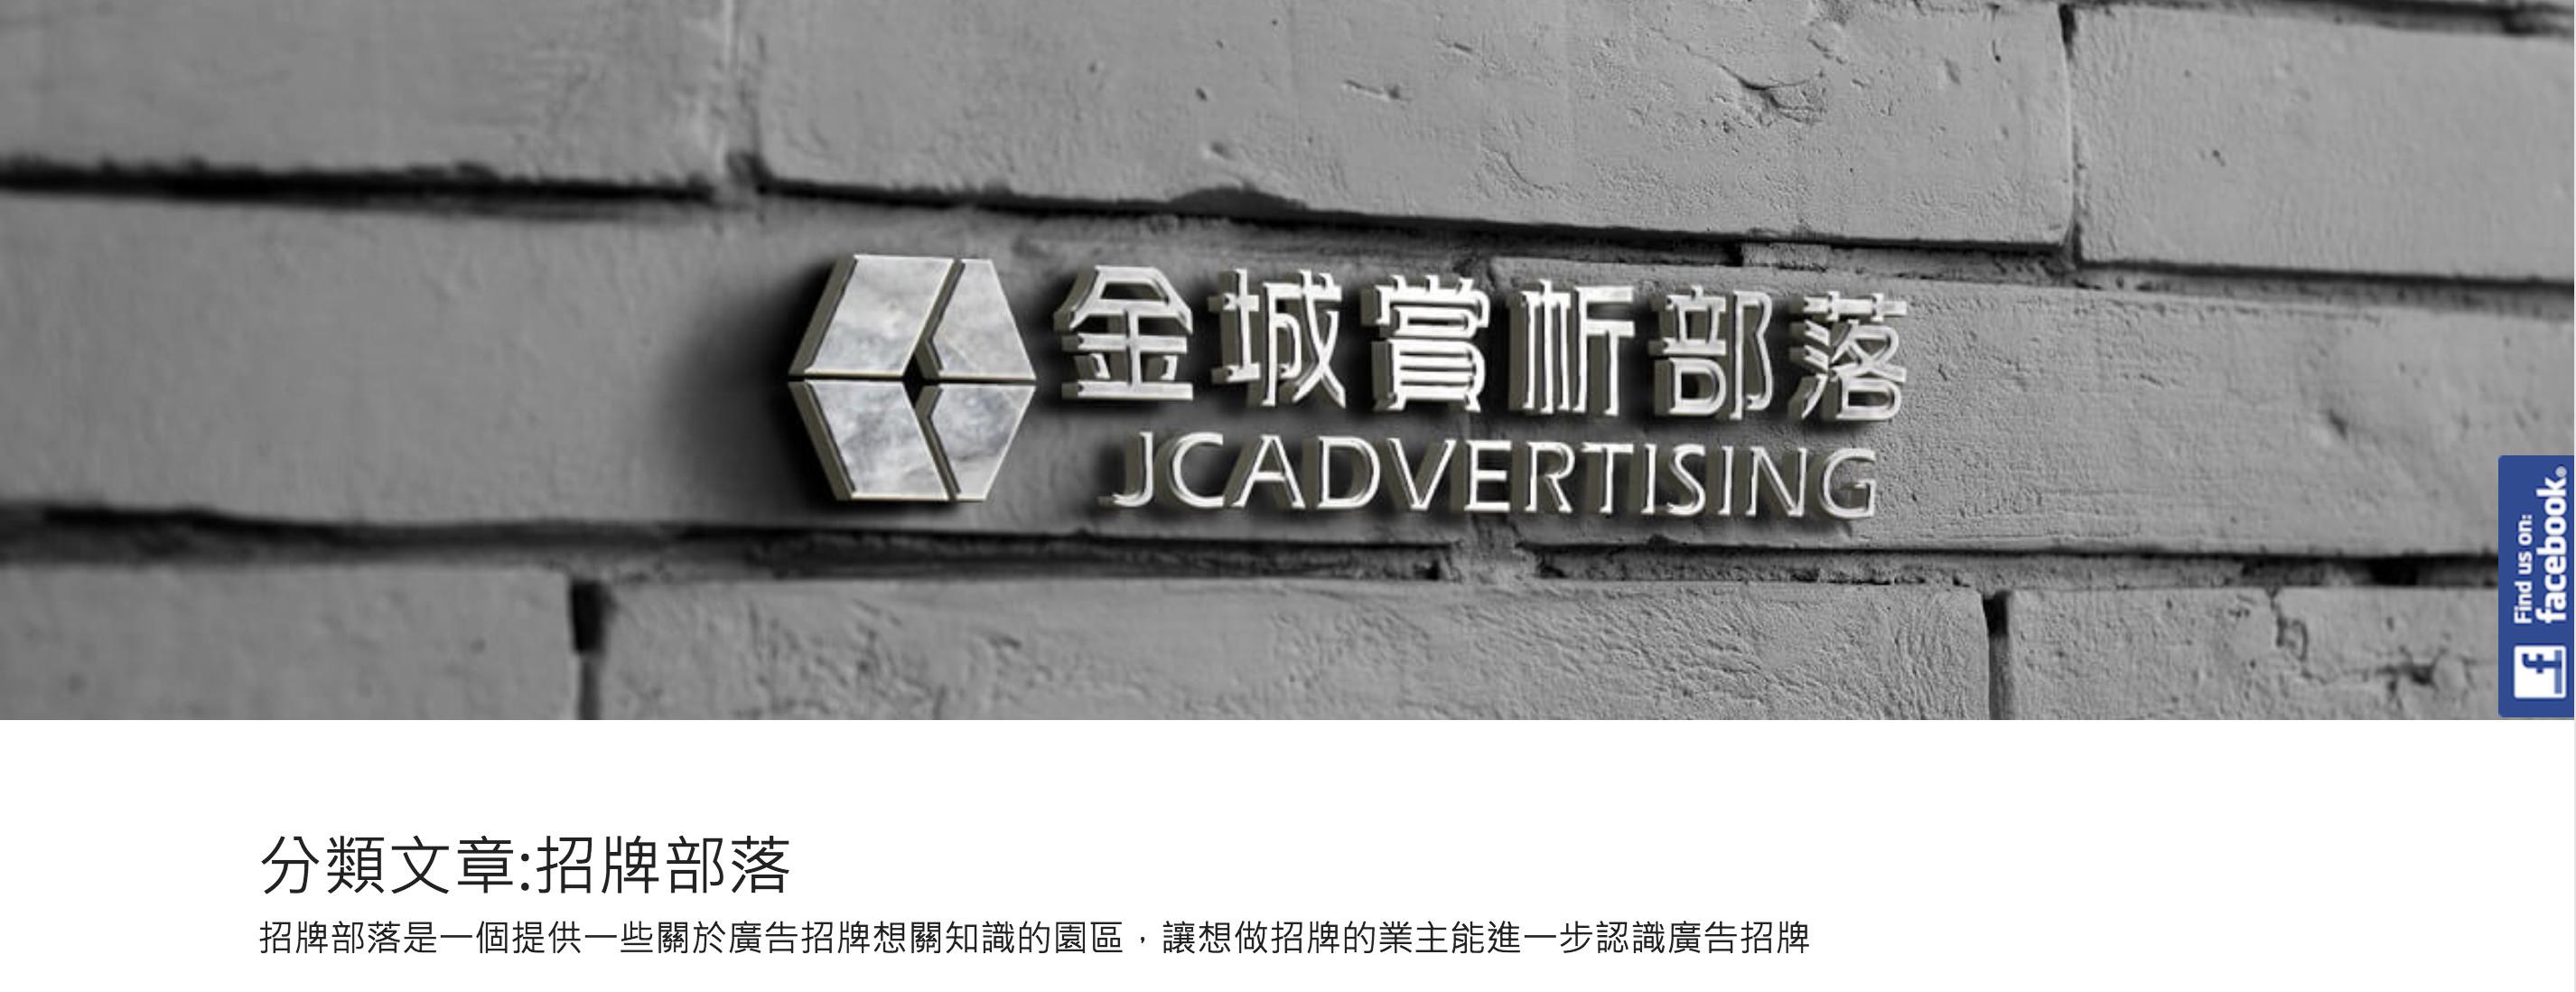 金城廣告招牌部落格內容行銷-鯊客科技SEO優化公司